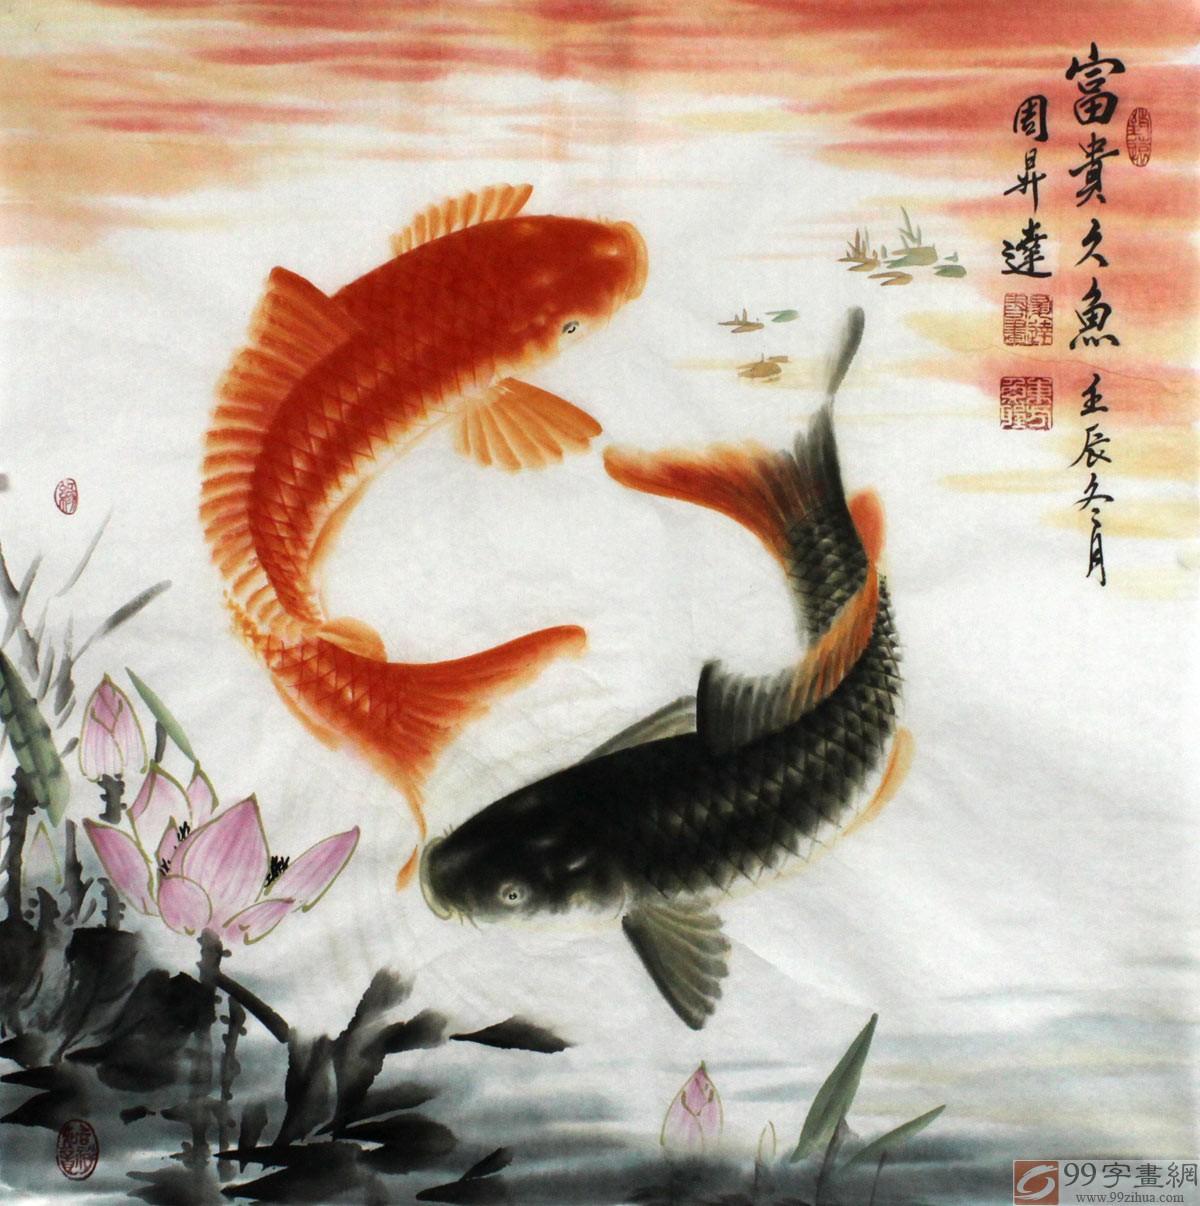 风水鱼国画 - 九鱼图